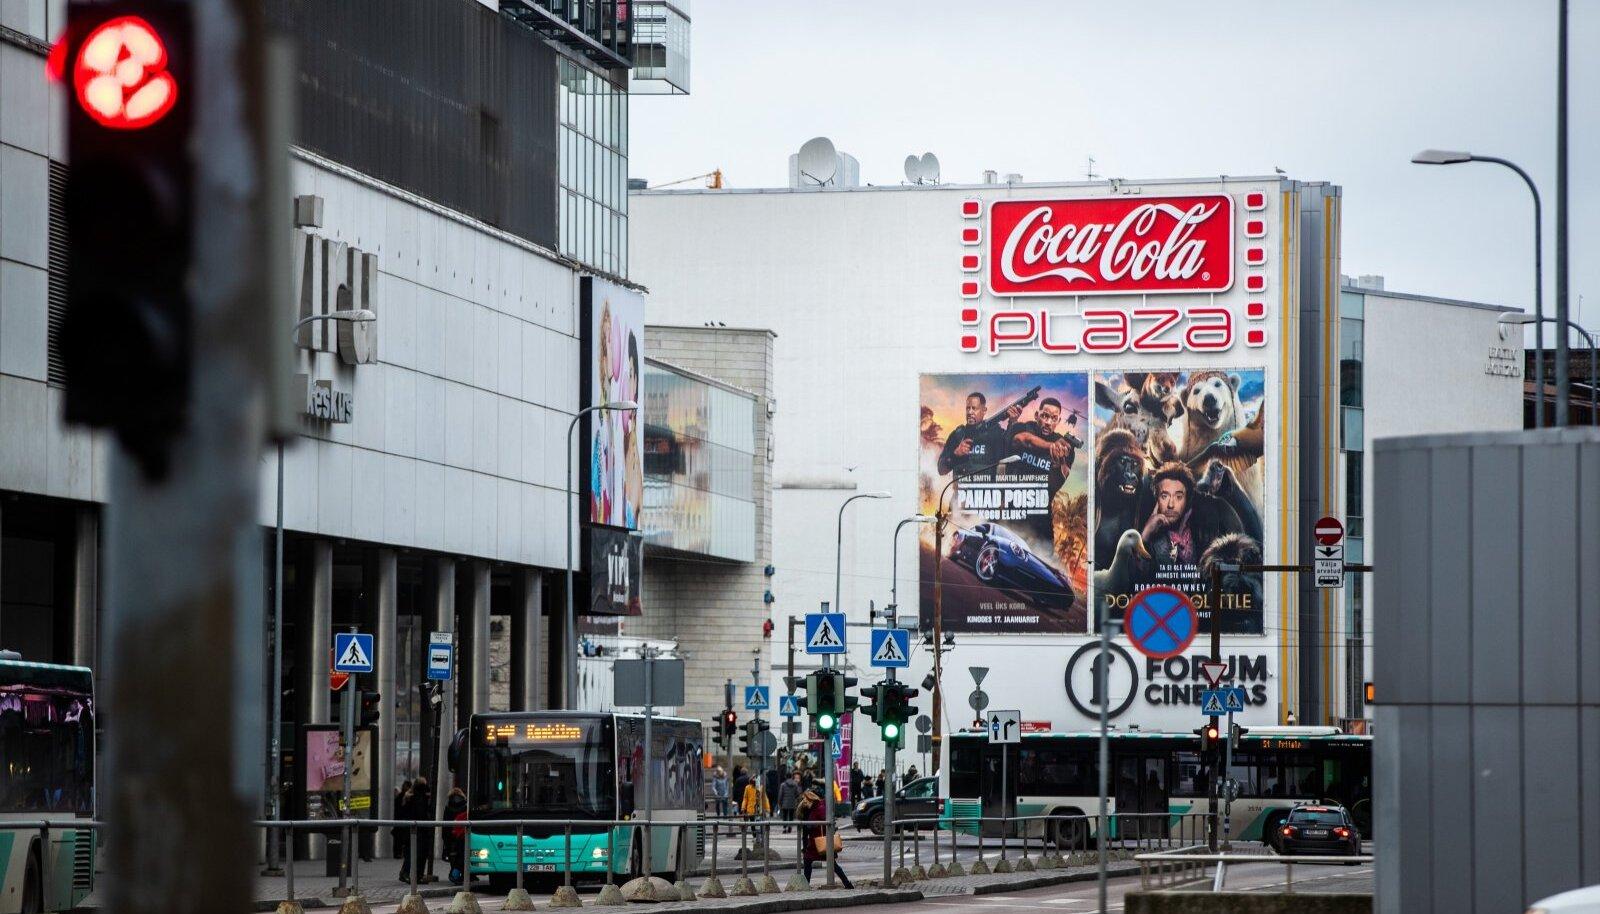 Konkurentsiamet näitas punast tuld. Tallinna kobarkino Coca-Cola Plazat käitava Forum Cinemase juhti Kristjan Kongot tabasid eelmise reede sündmused justkui ootamatult.